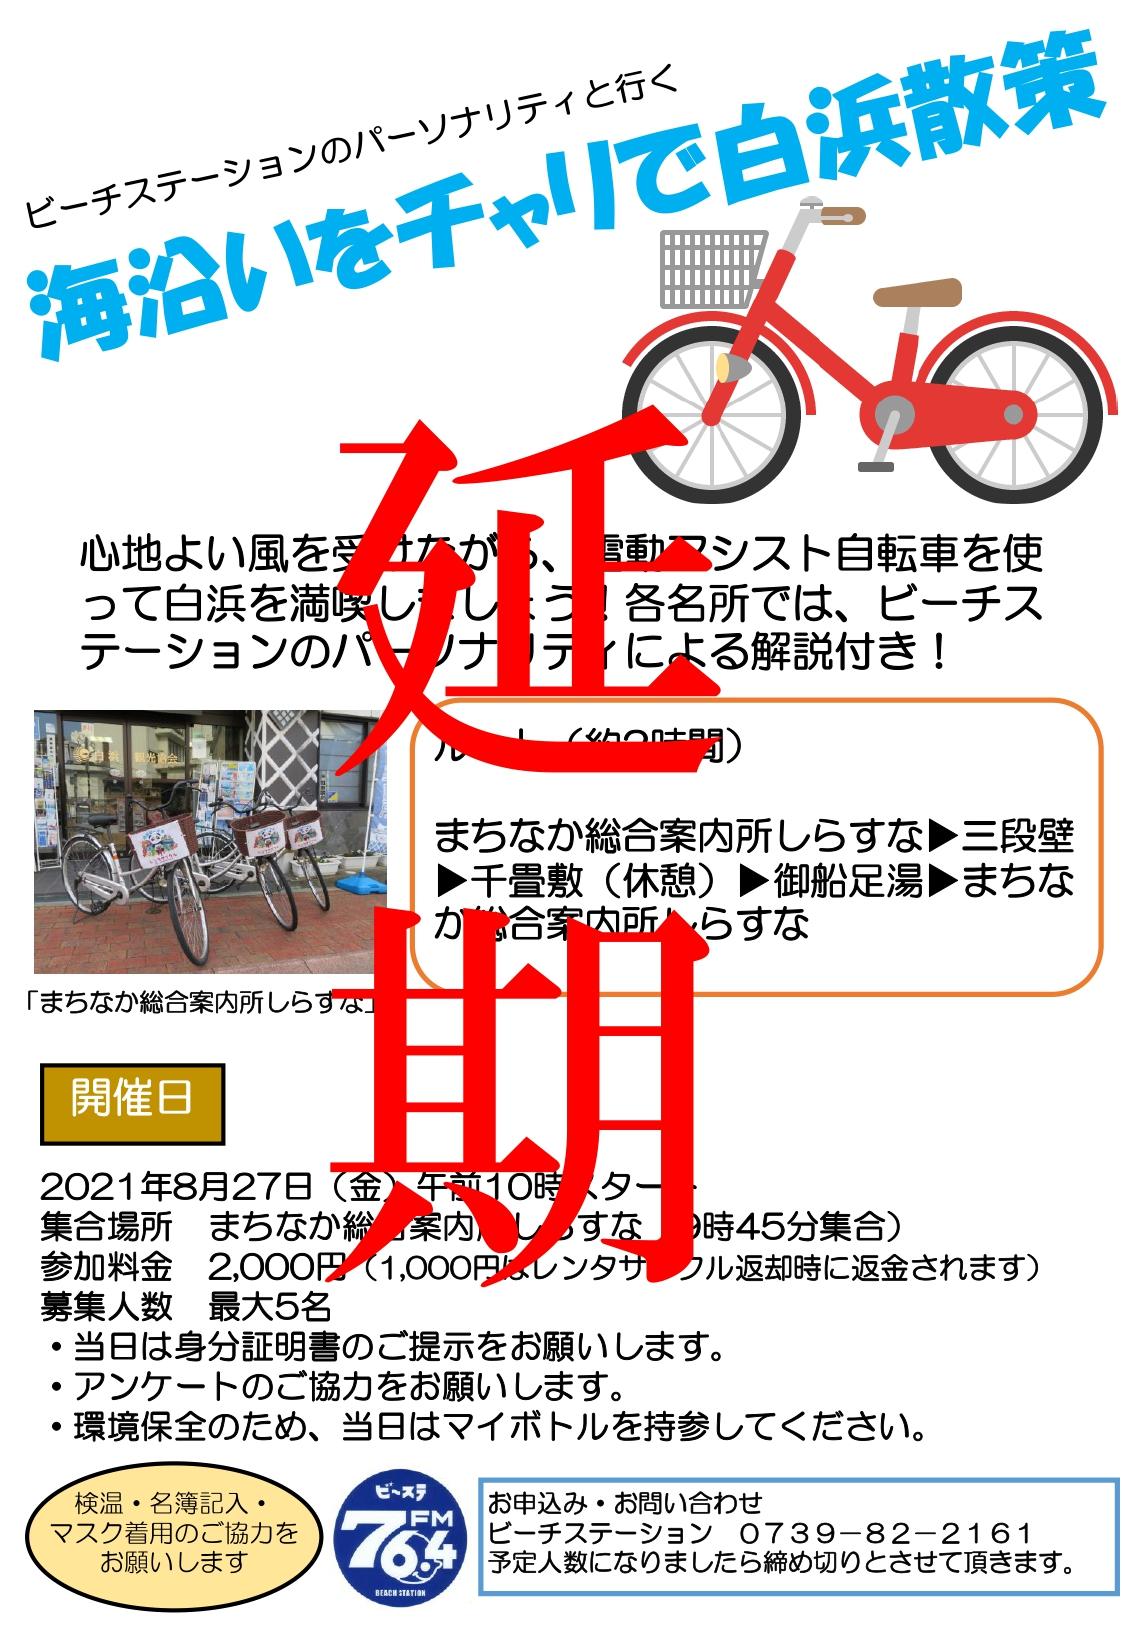 レンタサイクルイベント延期のお知らせ